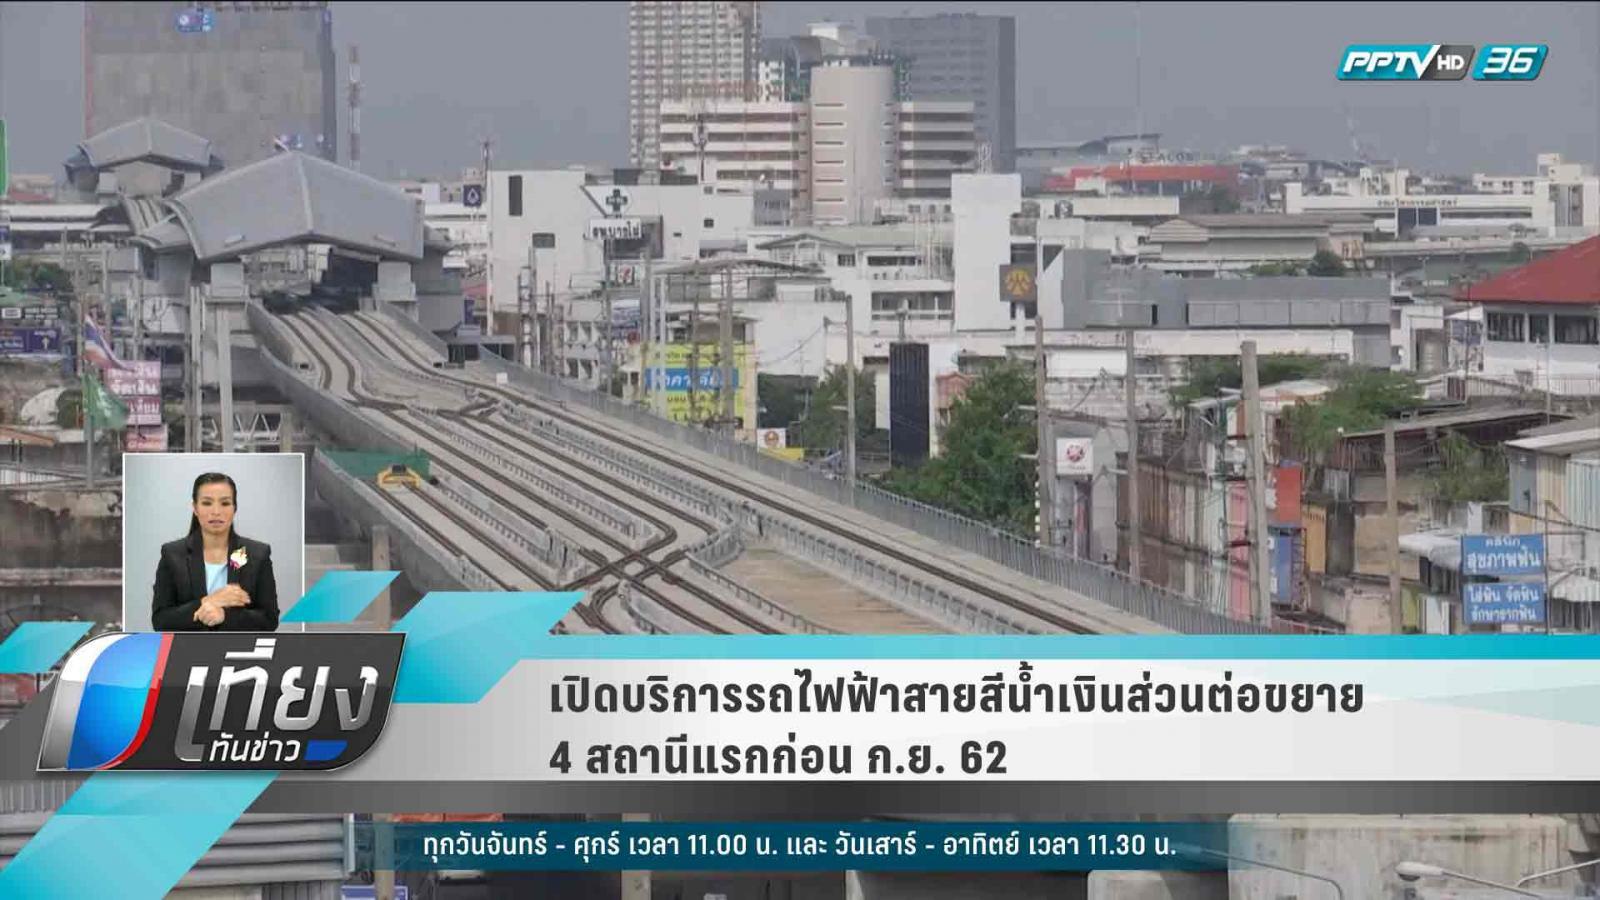 """เปิดบริการ """"รถไฟฟ้าสายสีน้ำเงิน""""ส่วนต่อขยาย 4 สถานีแรกก่อนก.ย. 62"""